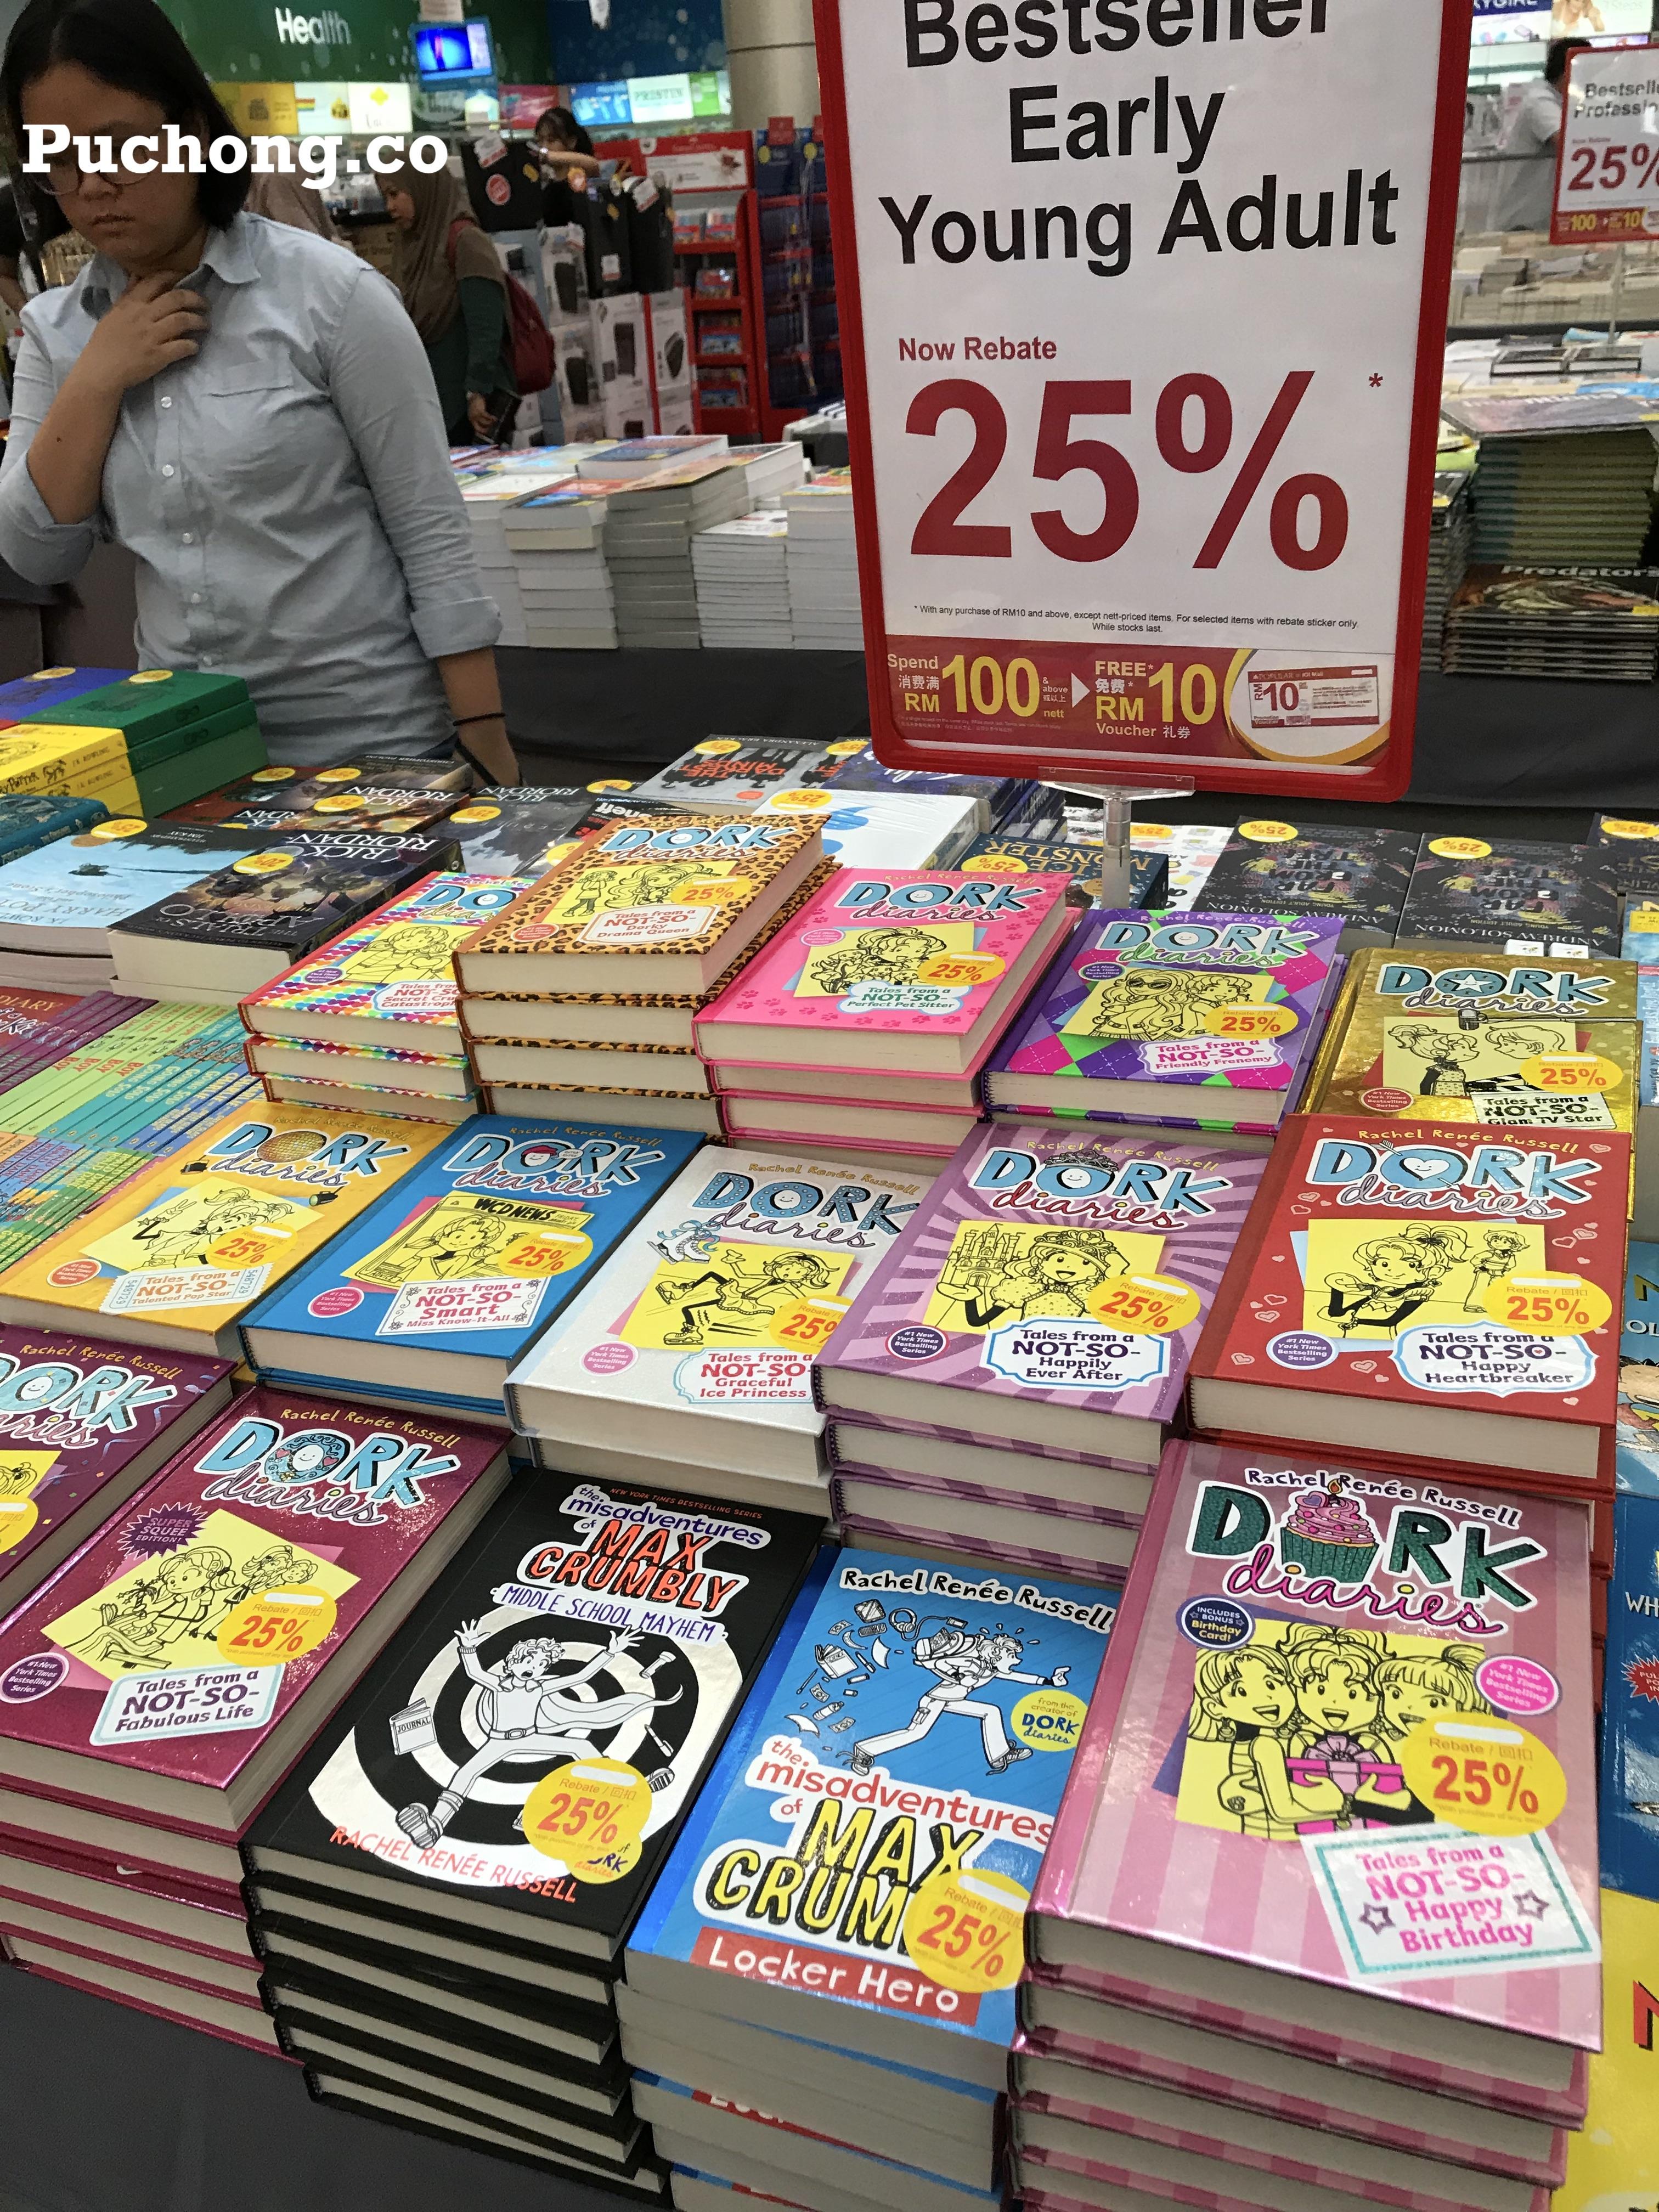 popular_book_fair_at_ioi_mall_puchong_mac_2019_3